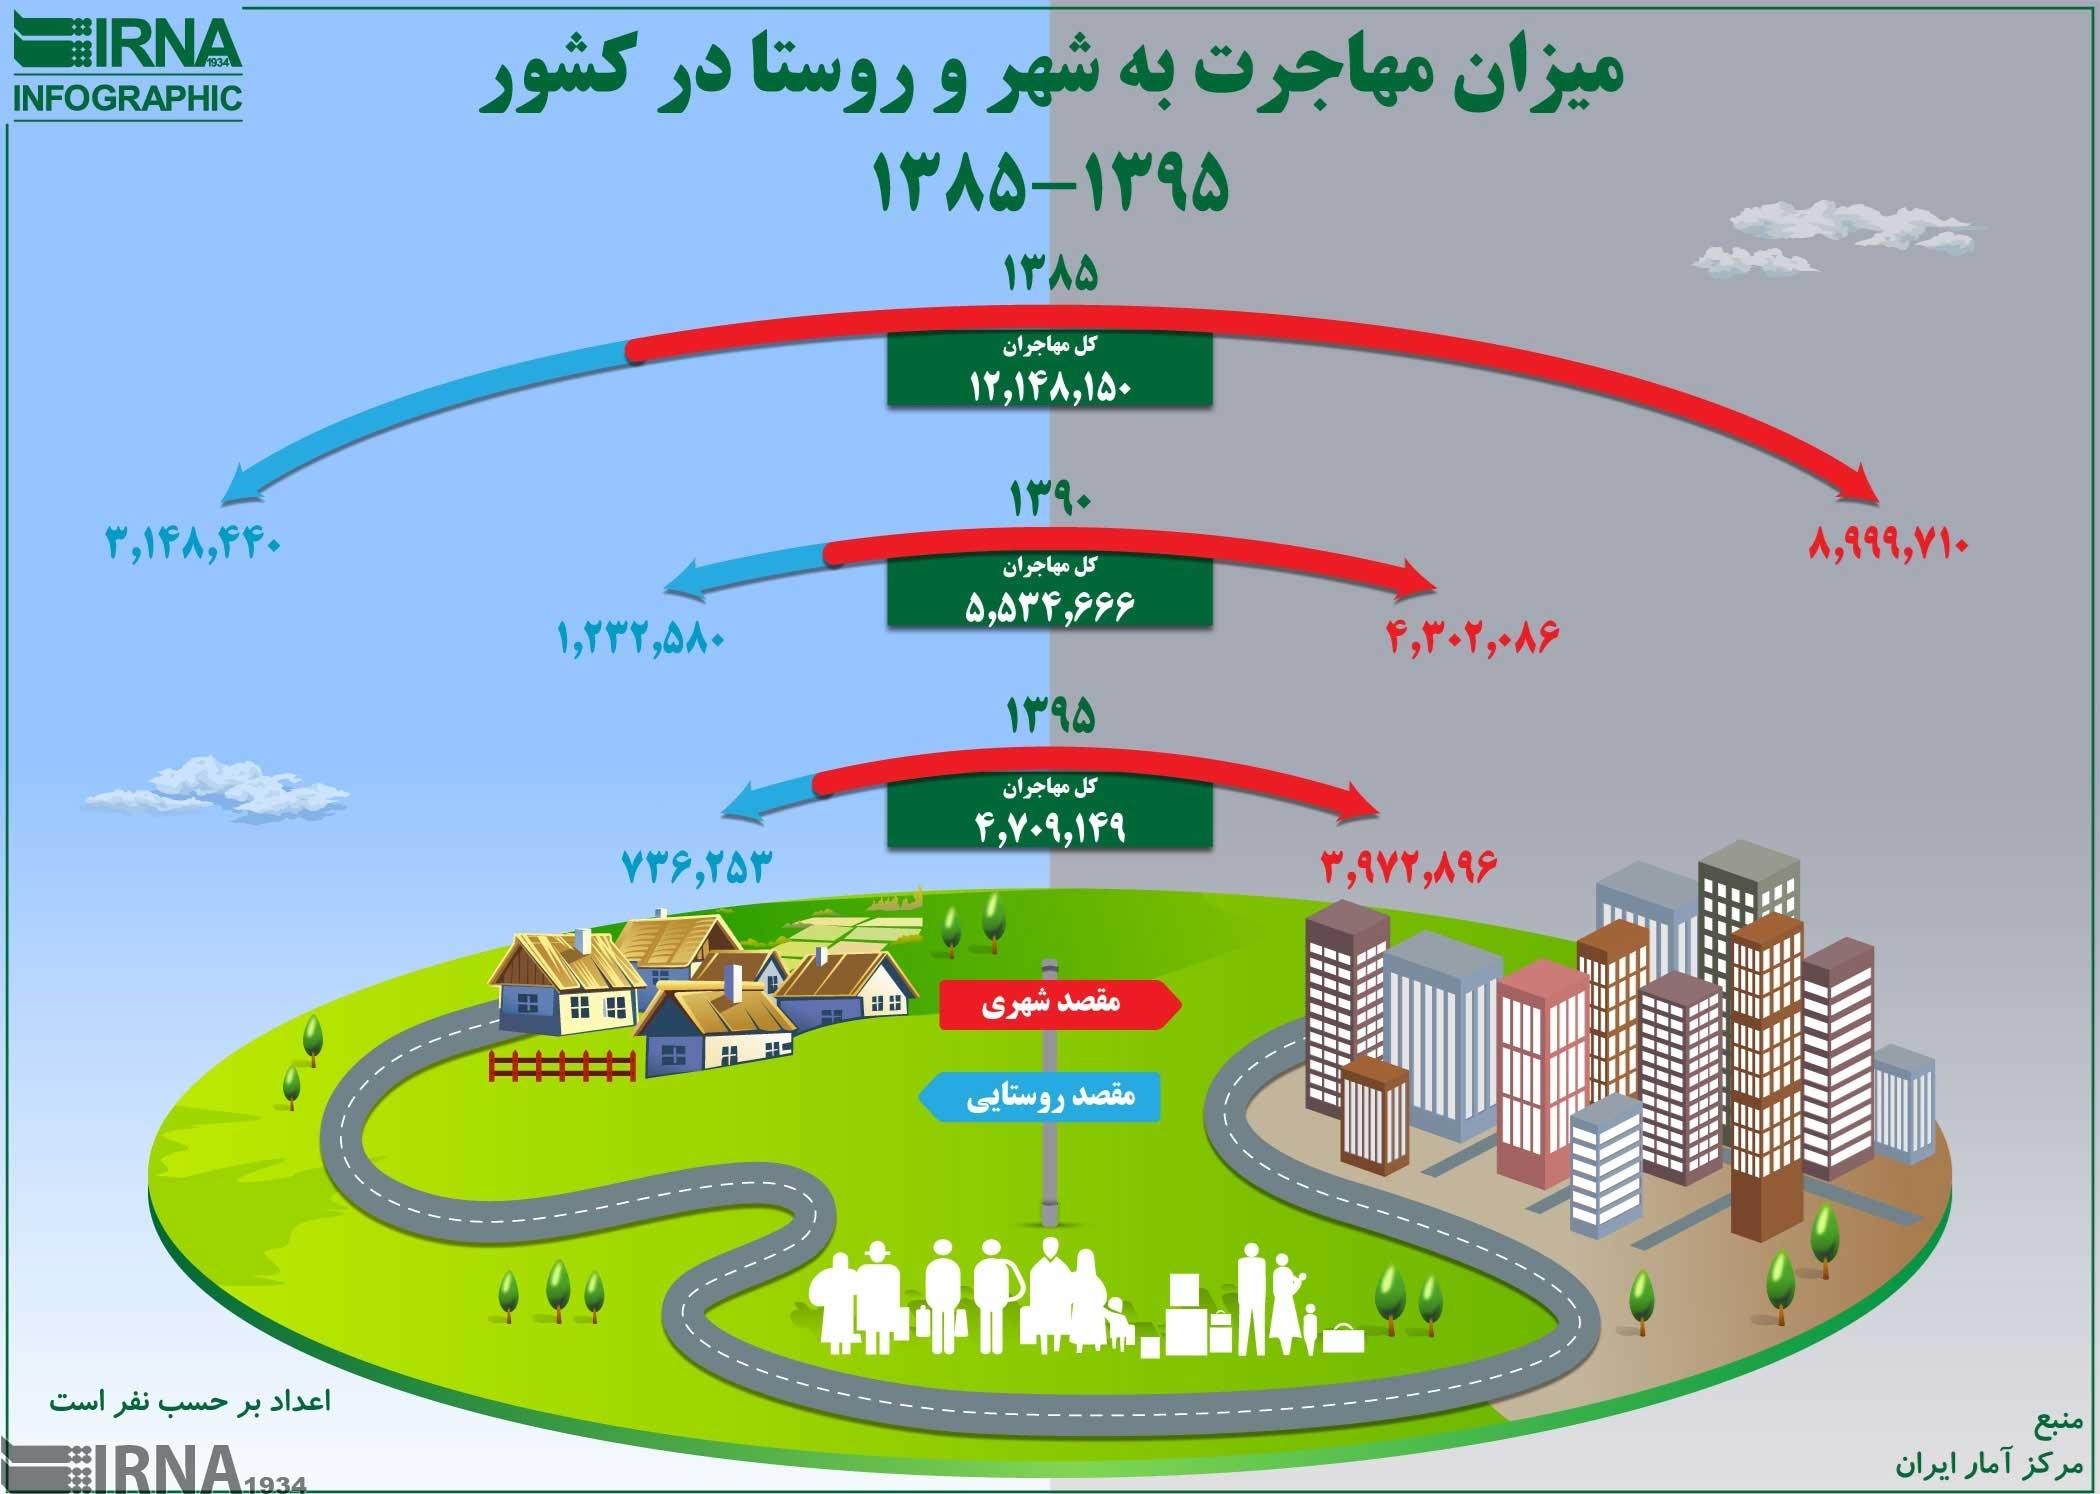 اینفوگرافیک   وضعیت مهاجرت به شهر و روستا در یک دهه گذشته